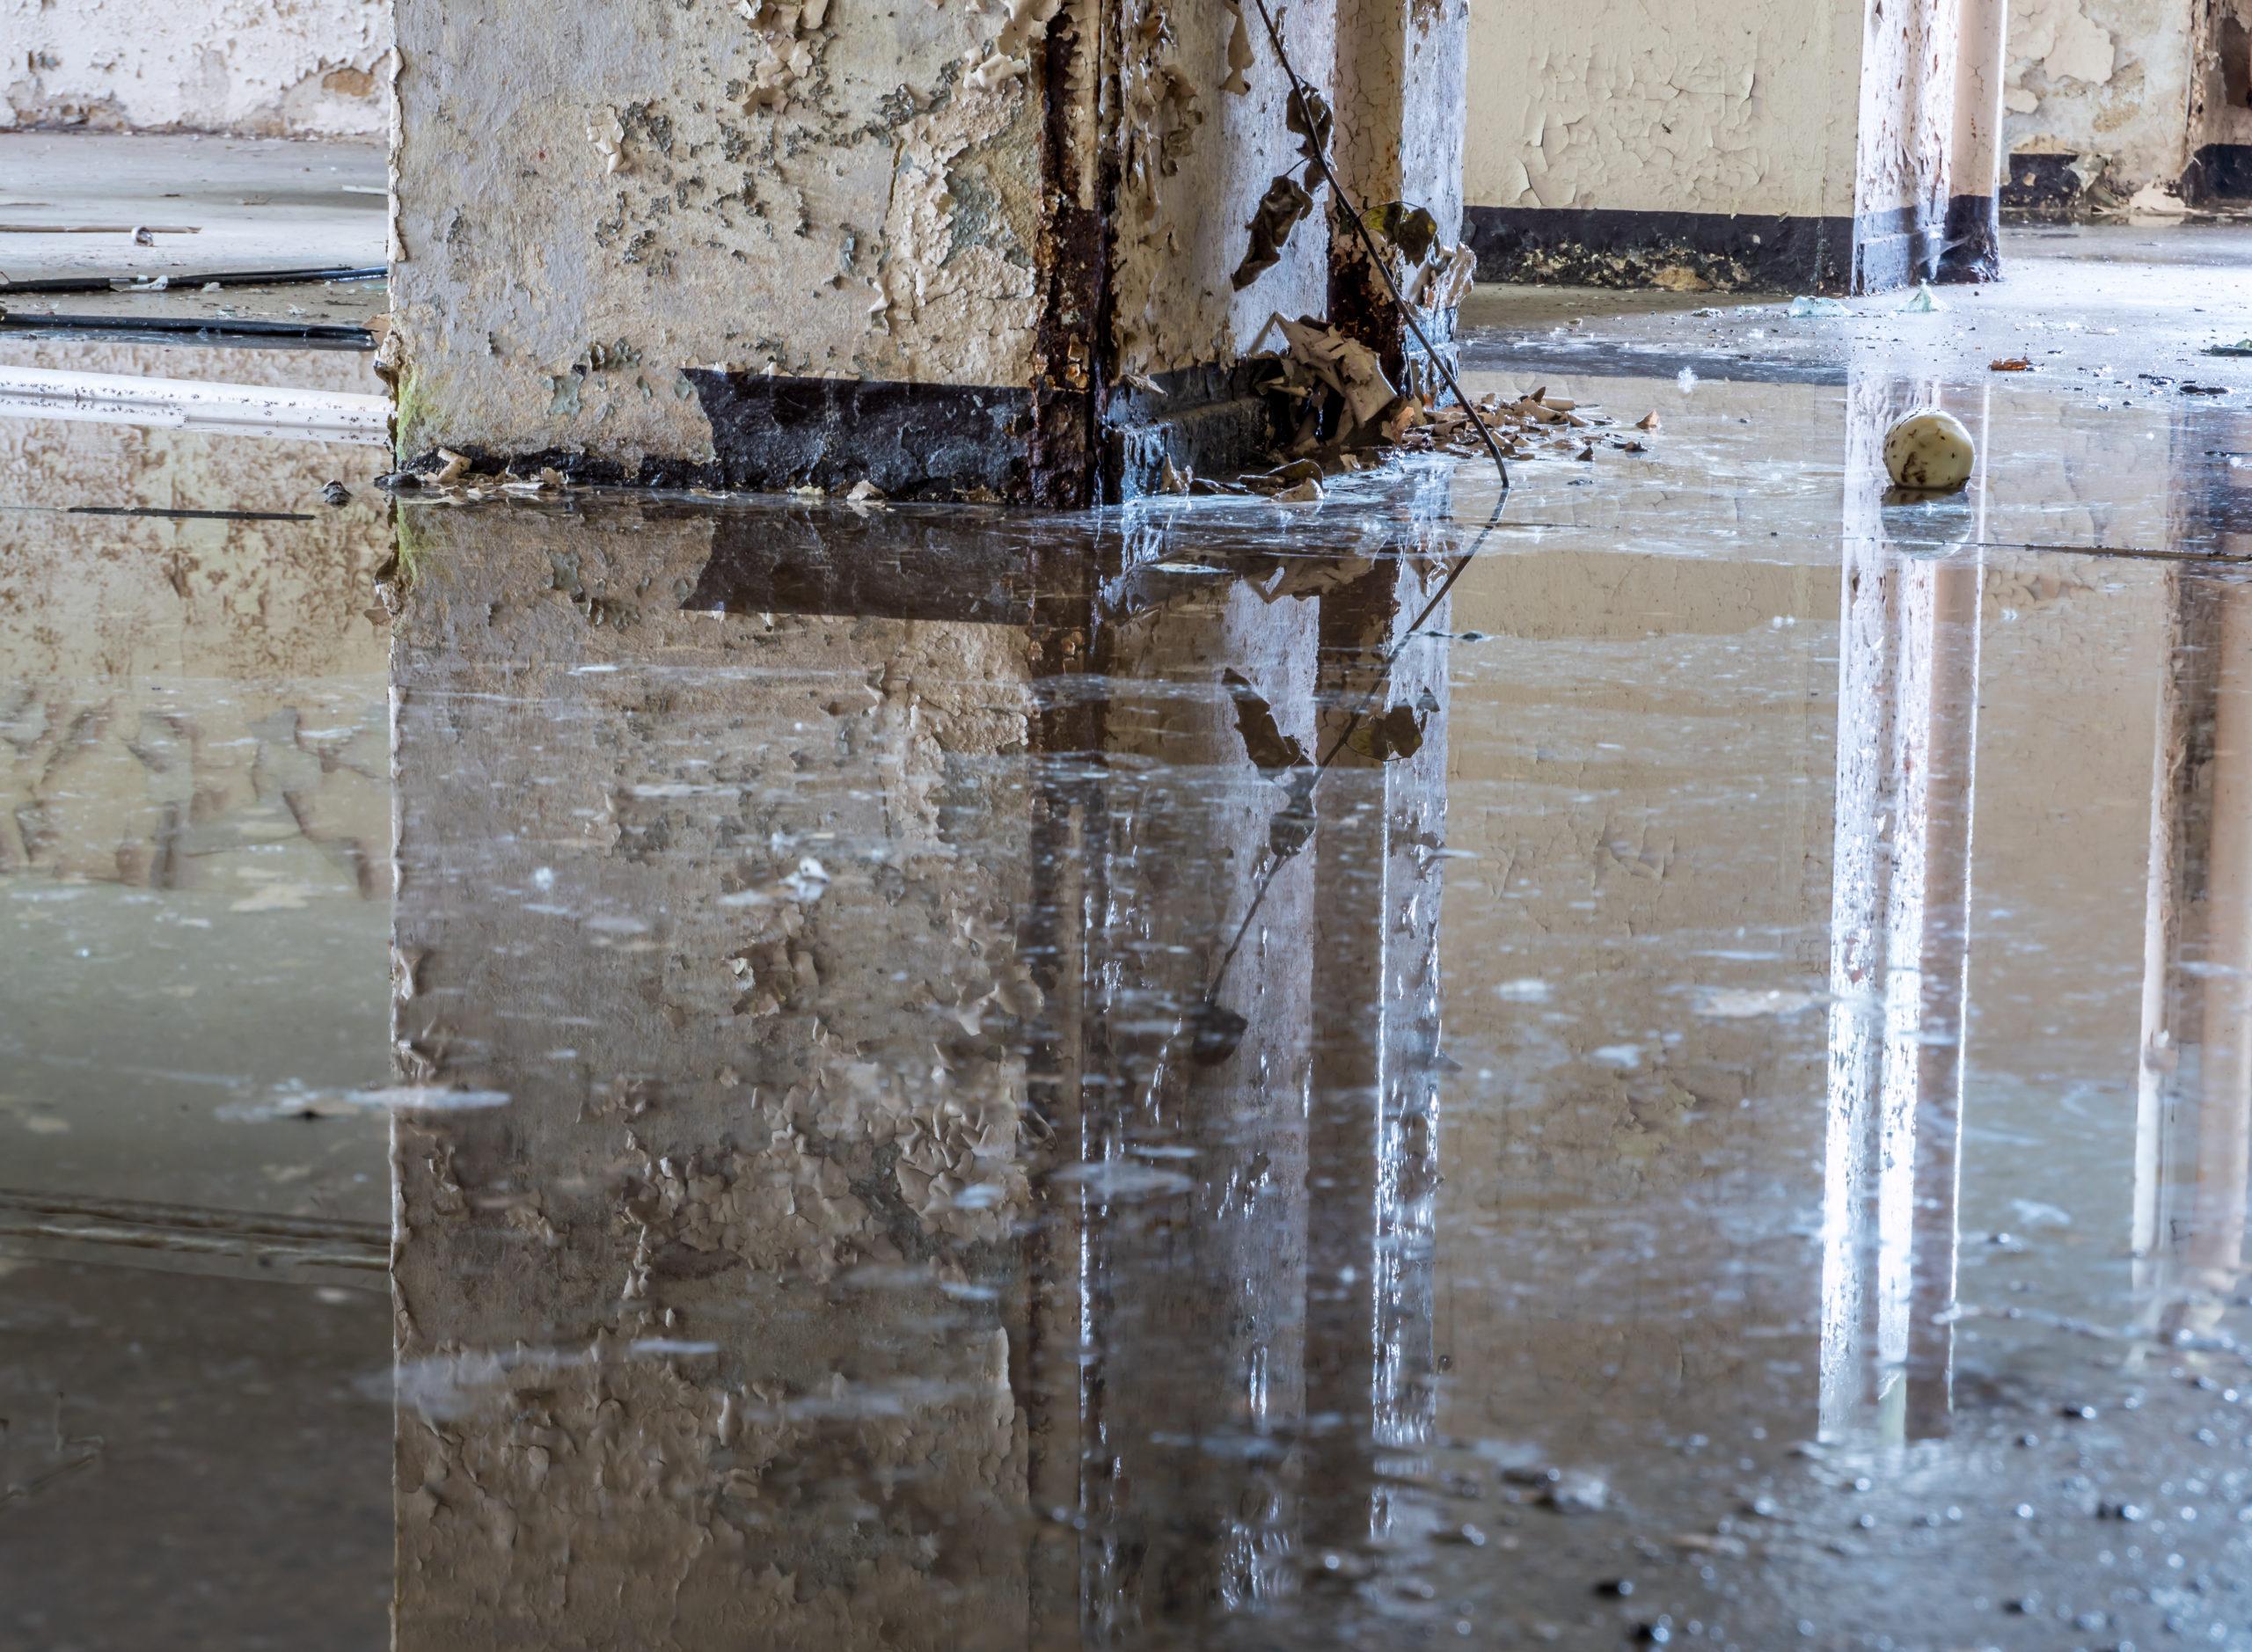 Hochwasserschaden im Keller nach einem Unwetter